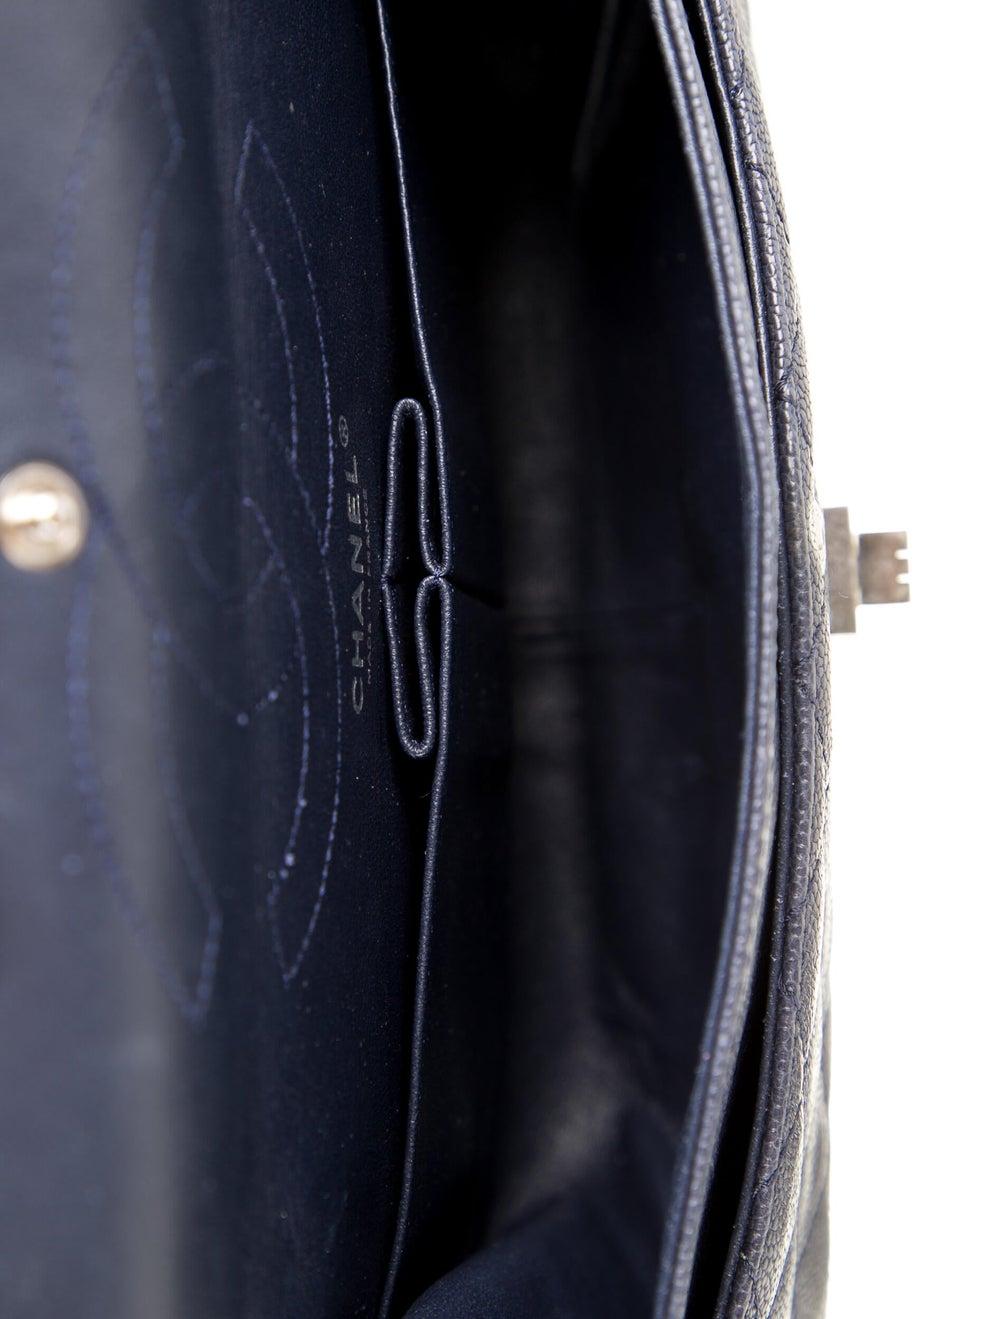 Chanel Vintage Reissue 226 Double Flap Bag Blue - image 5